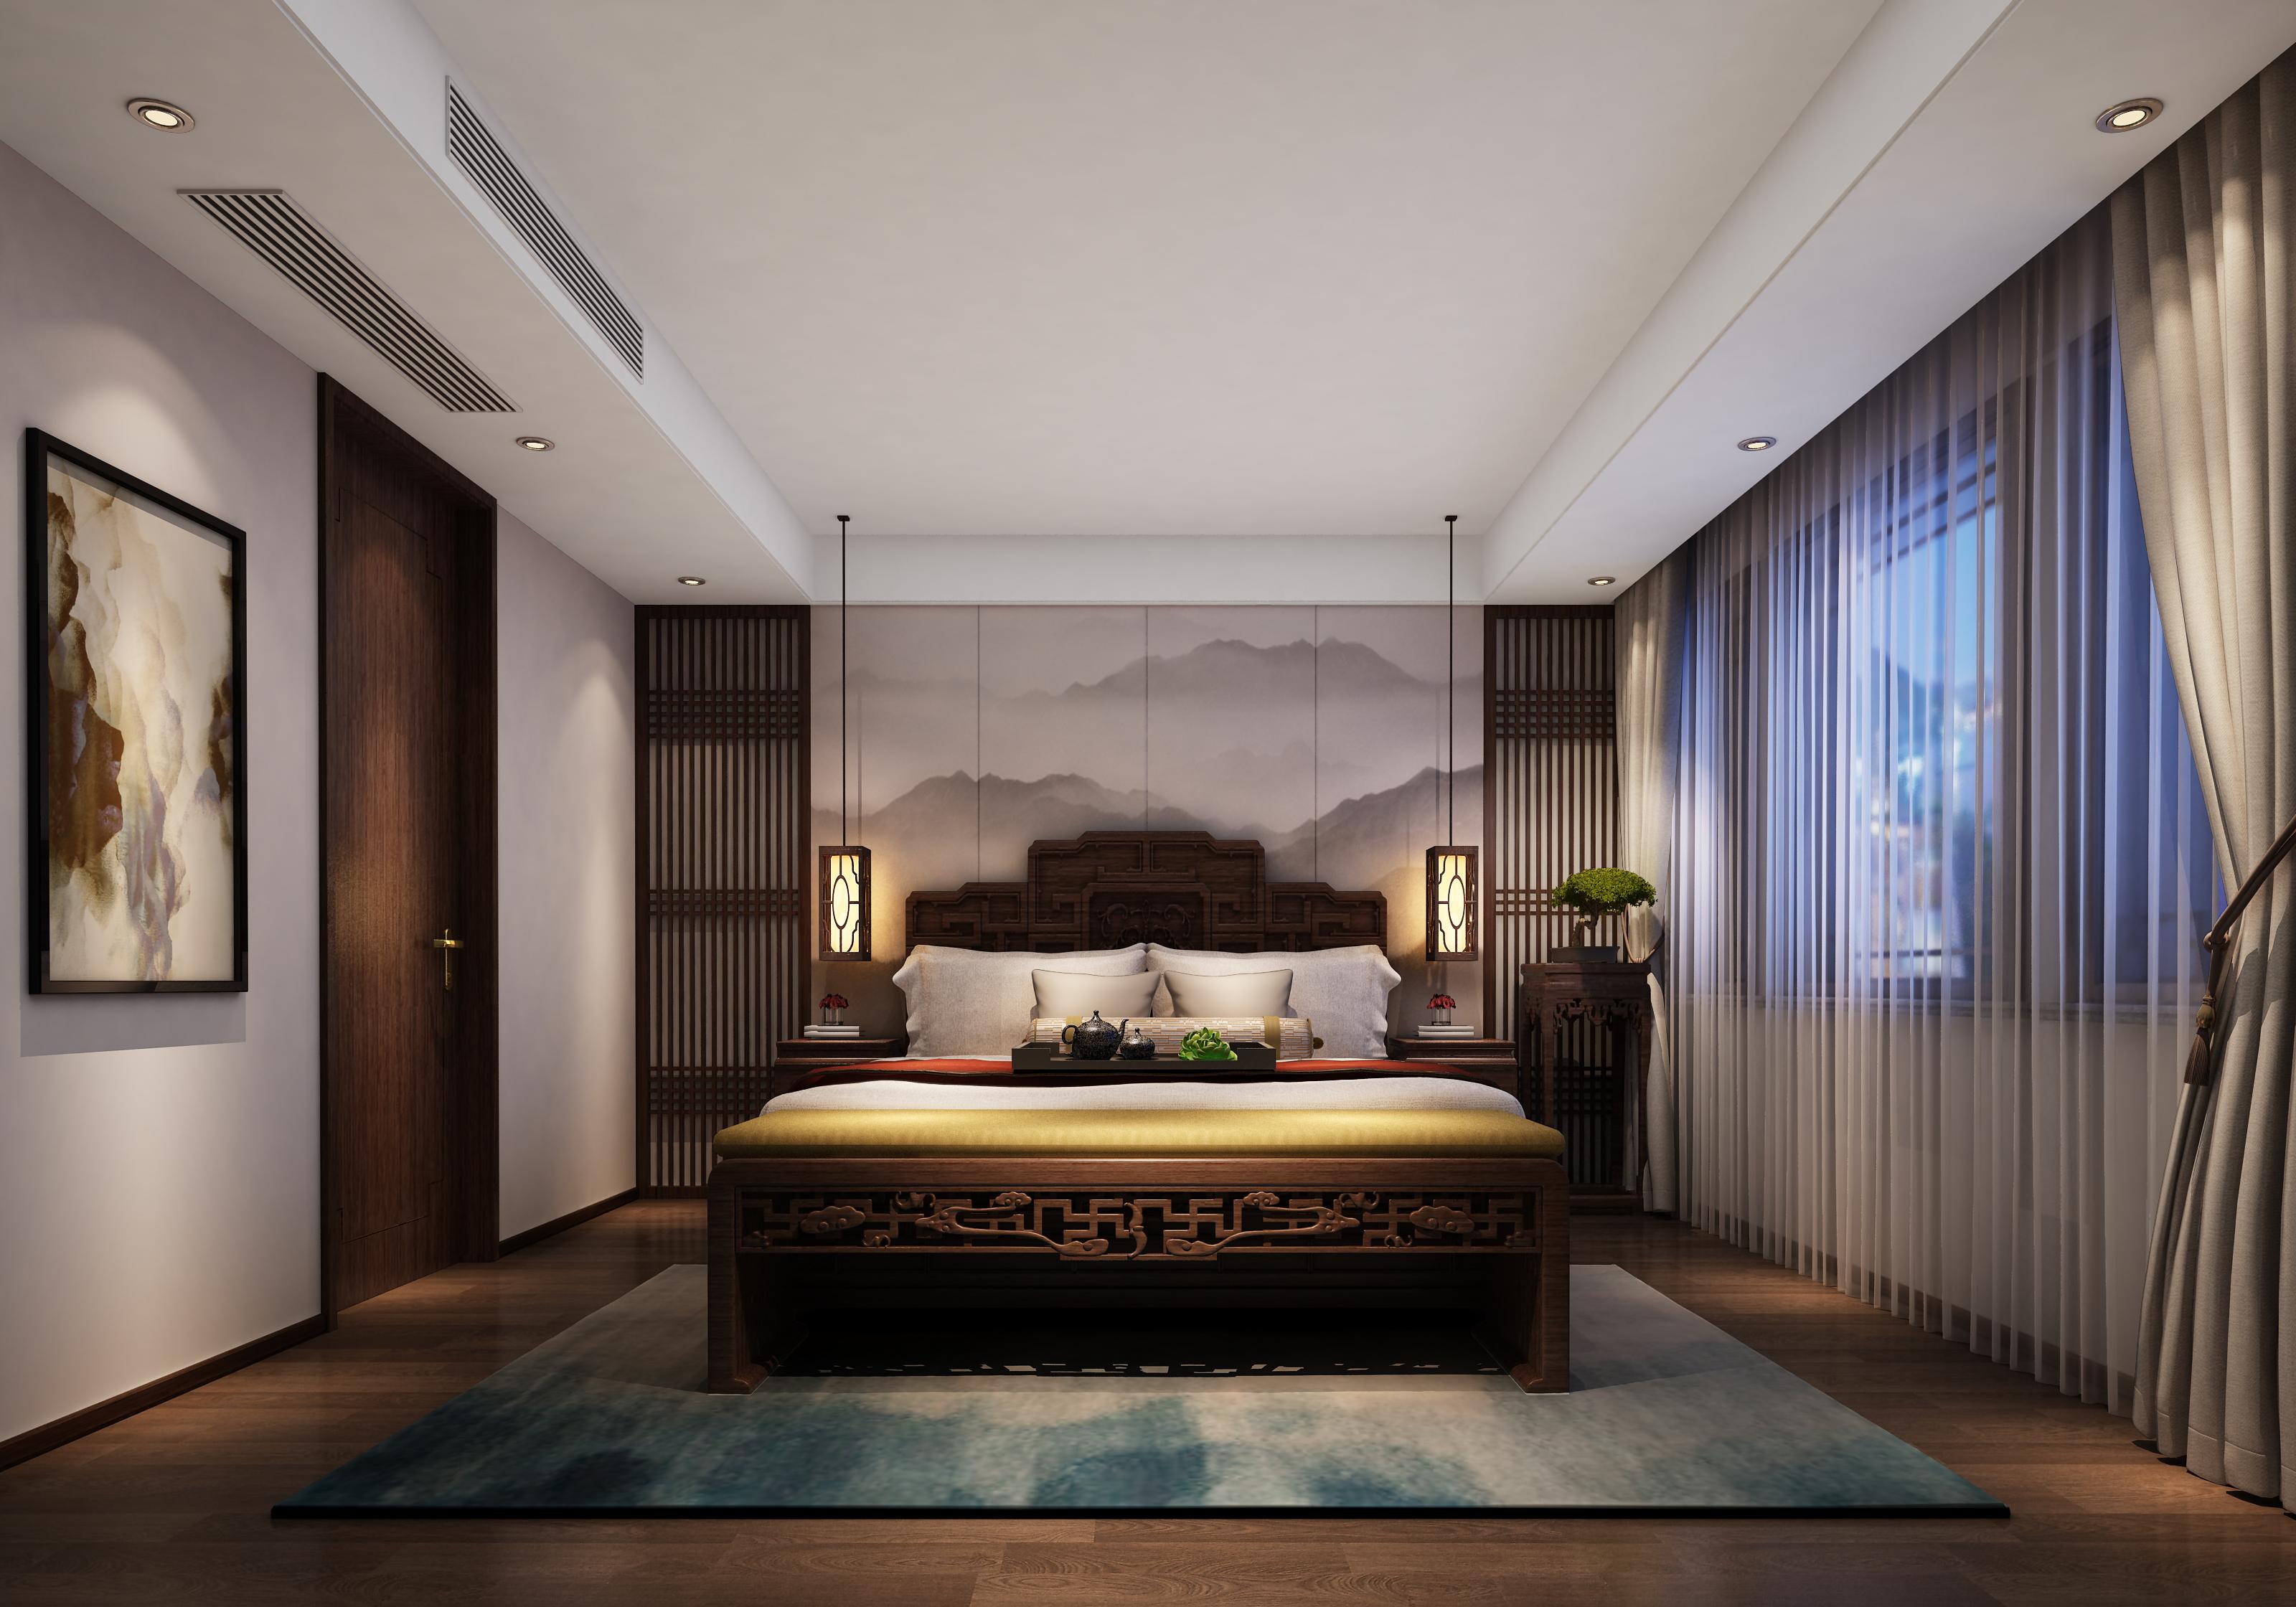 新中式别墅效果图|空间|室内设计|鱼丶先生 - 原创